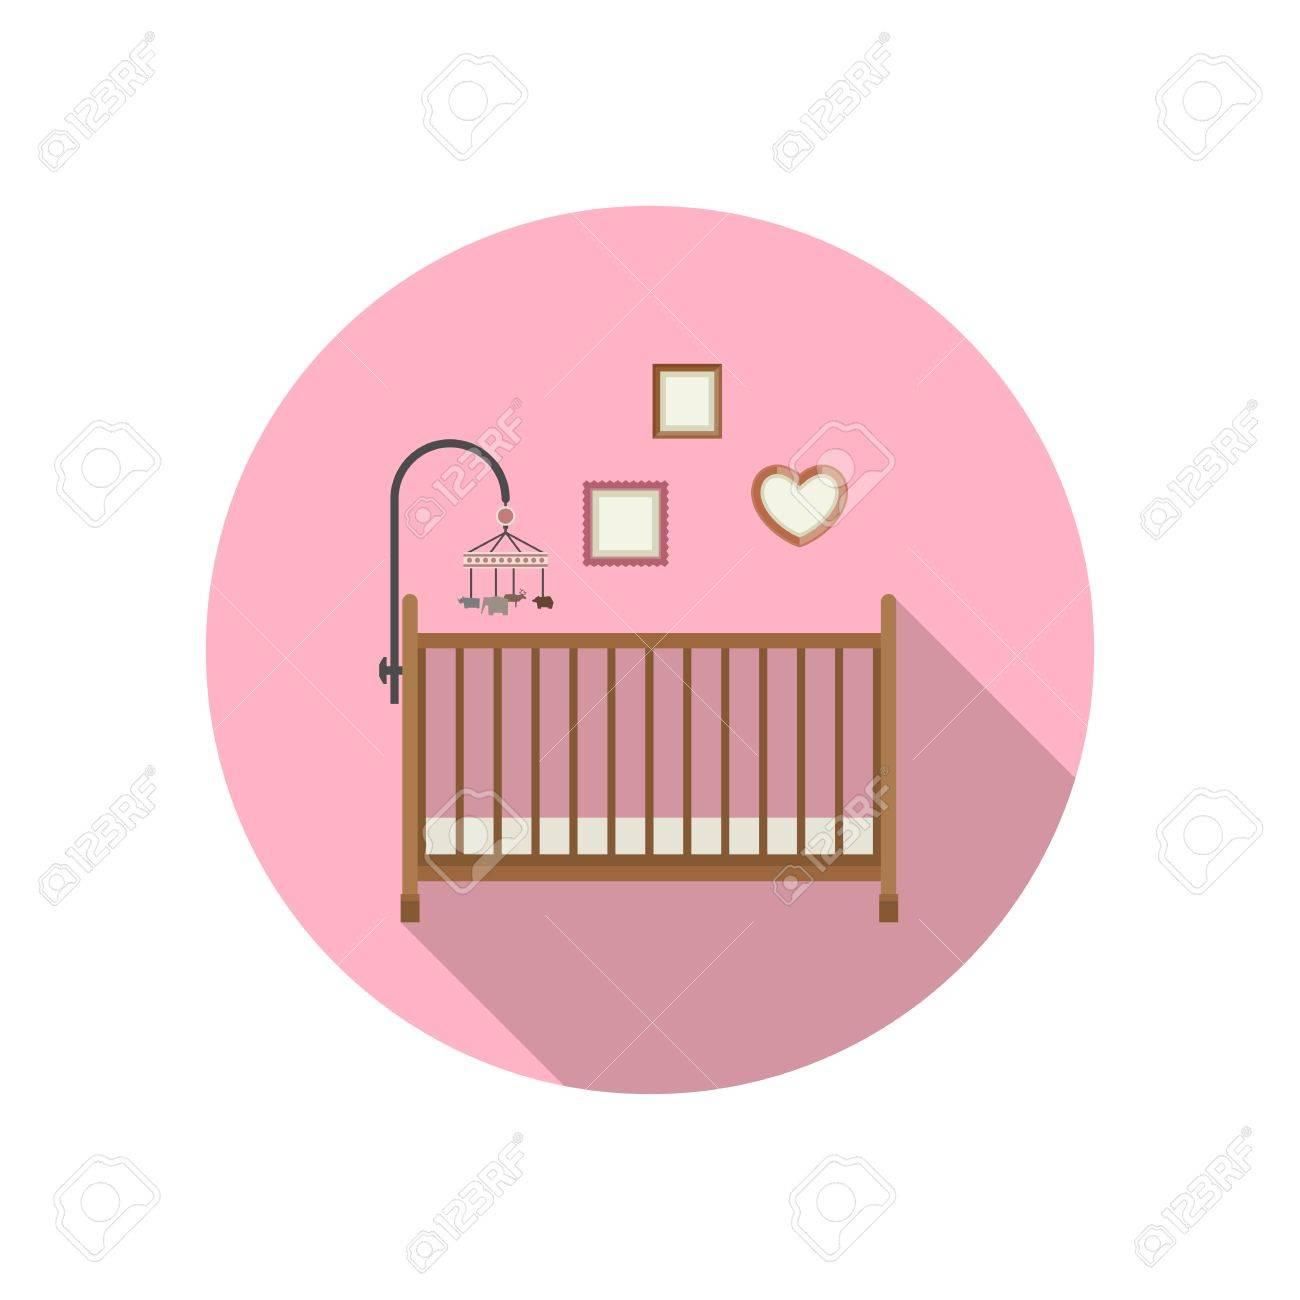 Icono De La Cuna Del Bebé En El Fondo De Color Rosa. Ilustración ...